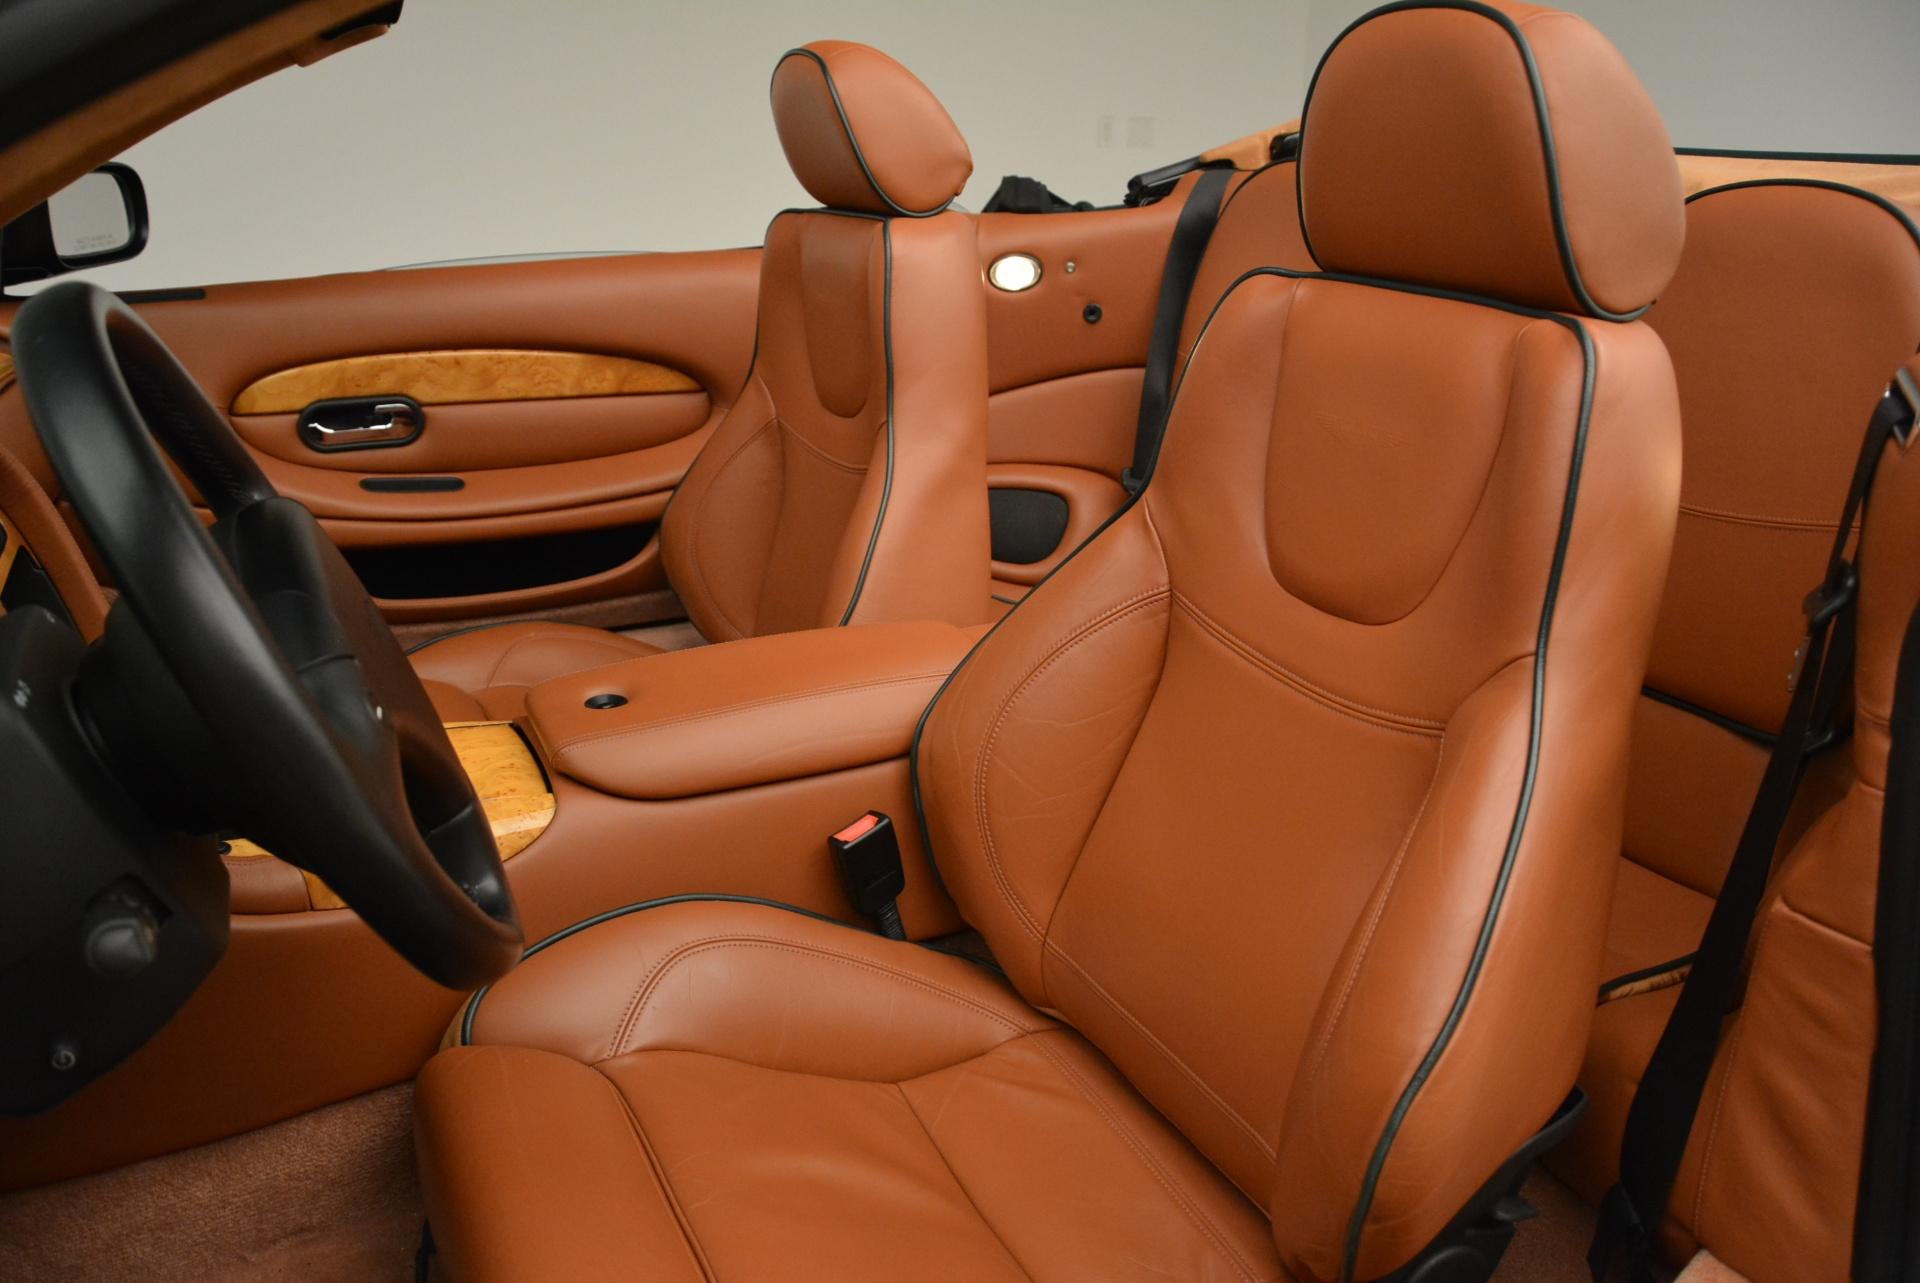 Used 2003 Aston Martin DB7 Vantage Volante For Sale In Greenwich, CT 2084_p26